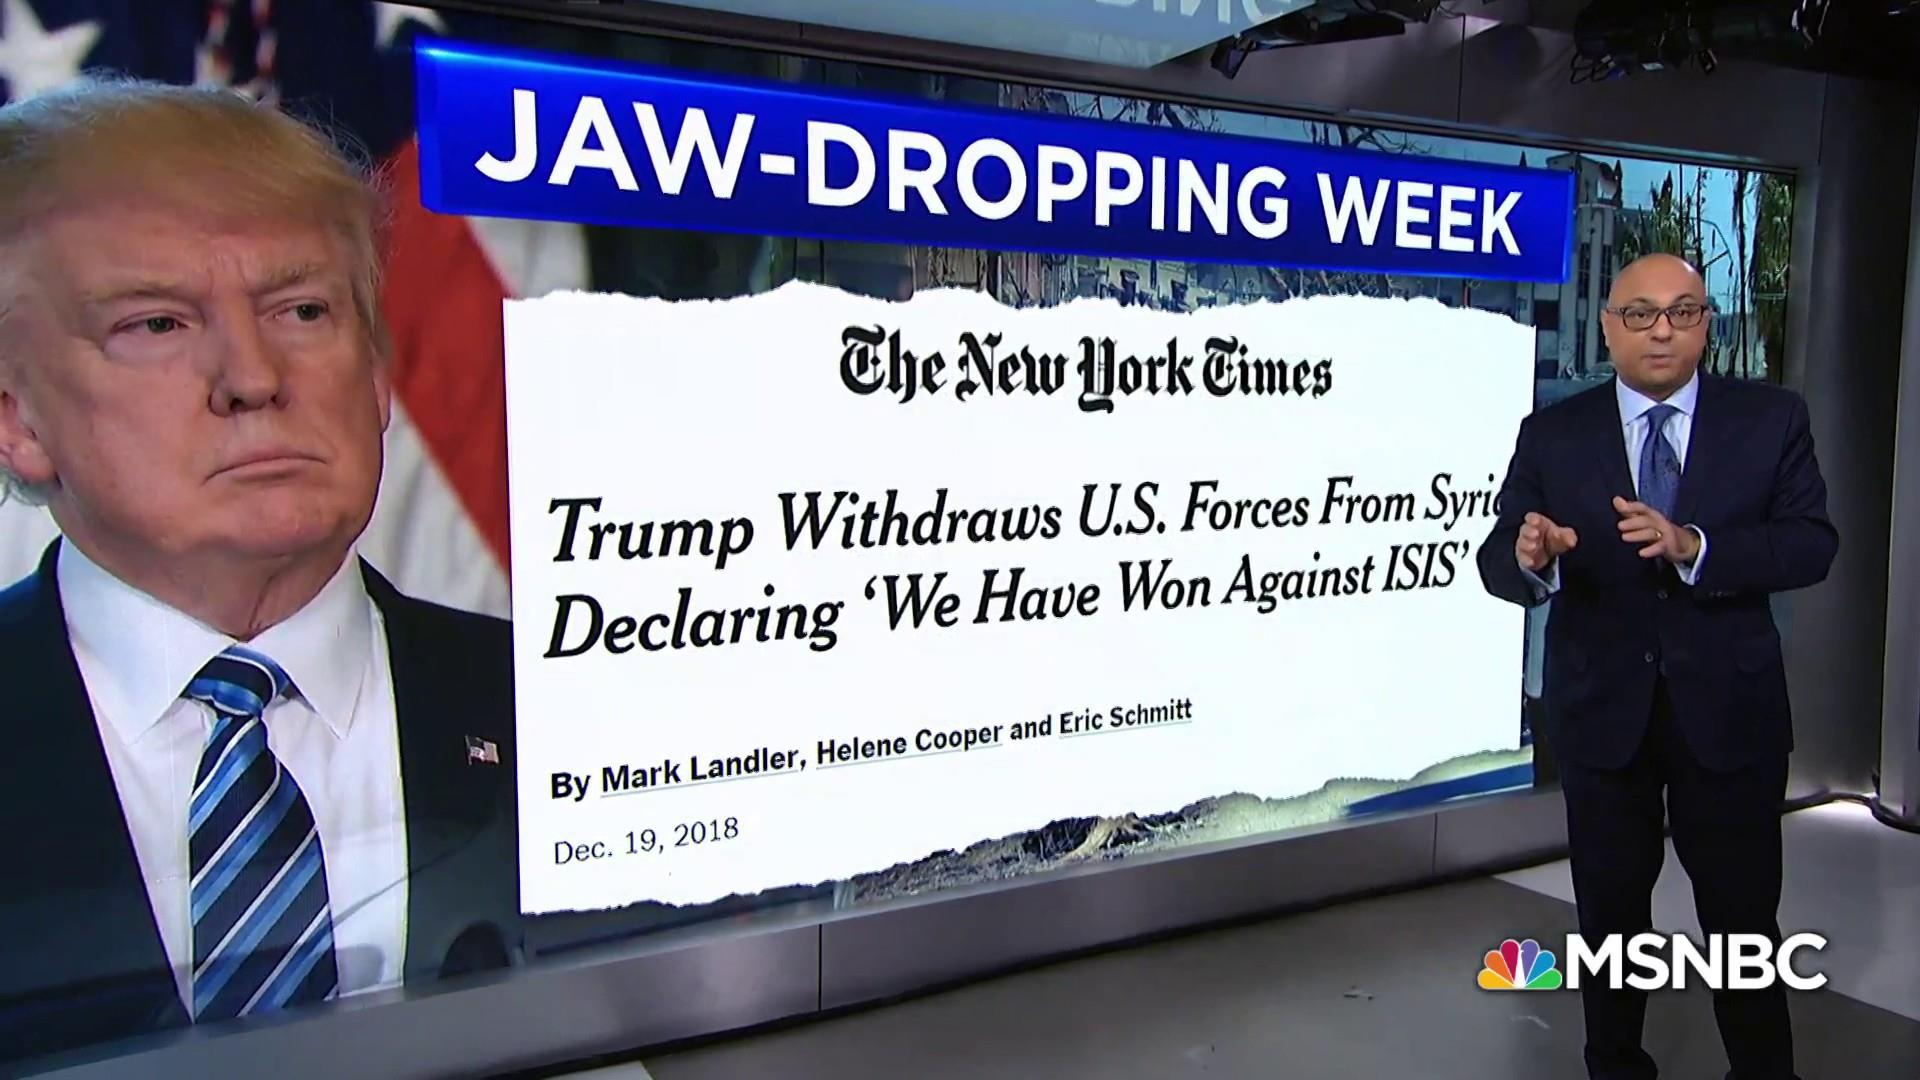 President Trump's unsettling week in headlines